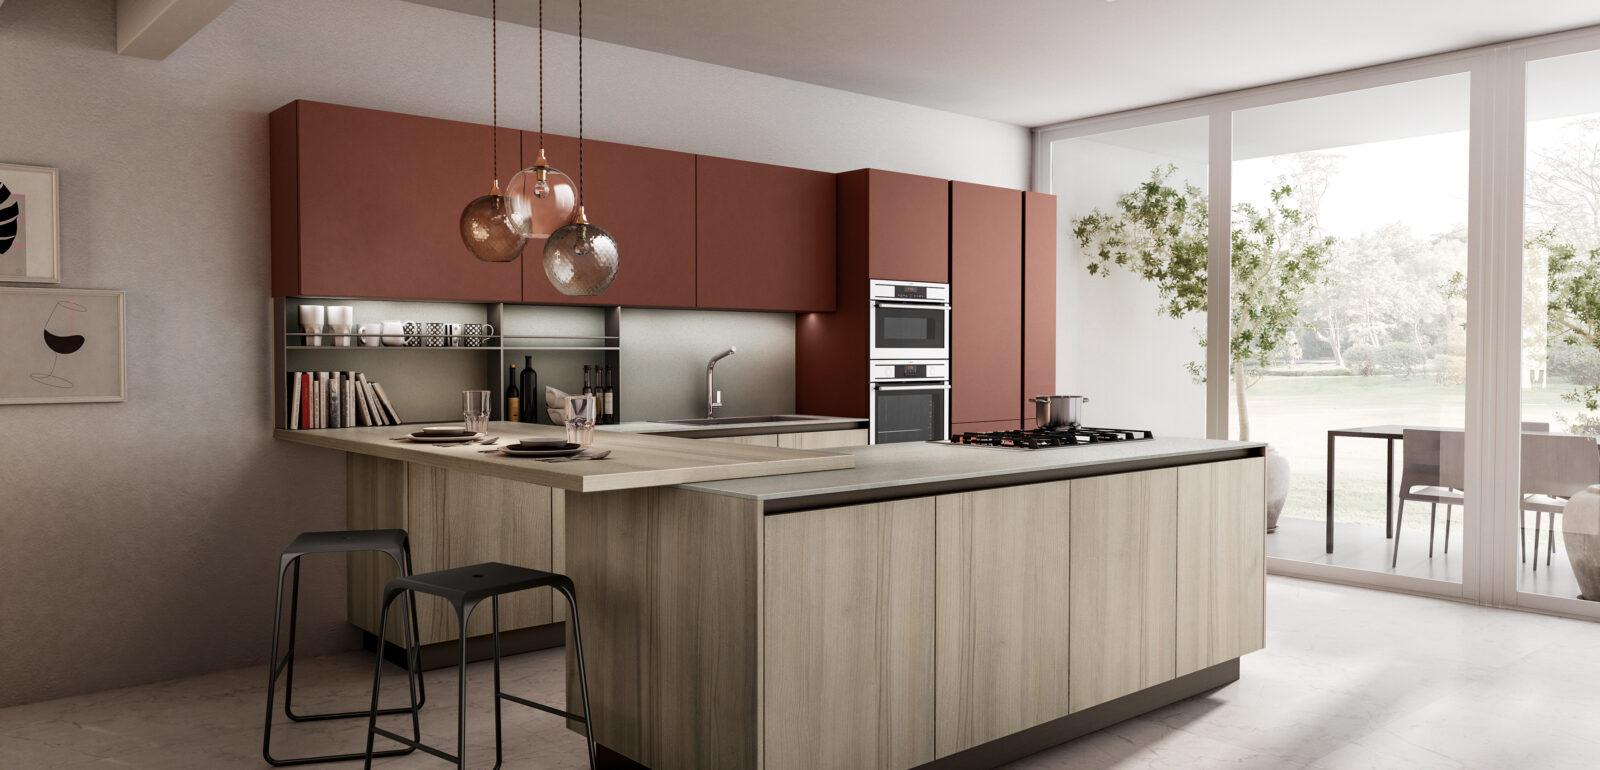 cucina moderna lineare Arredo3 Cloe foto 6